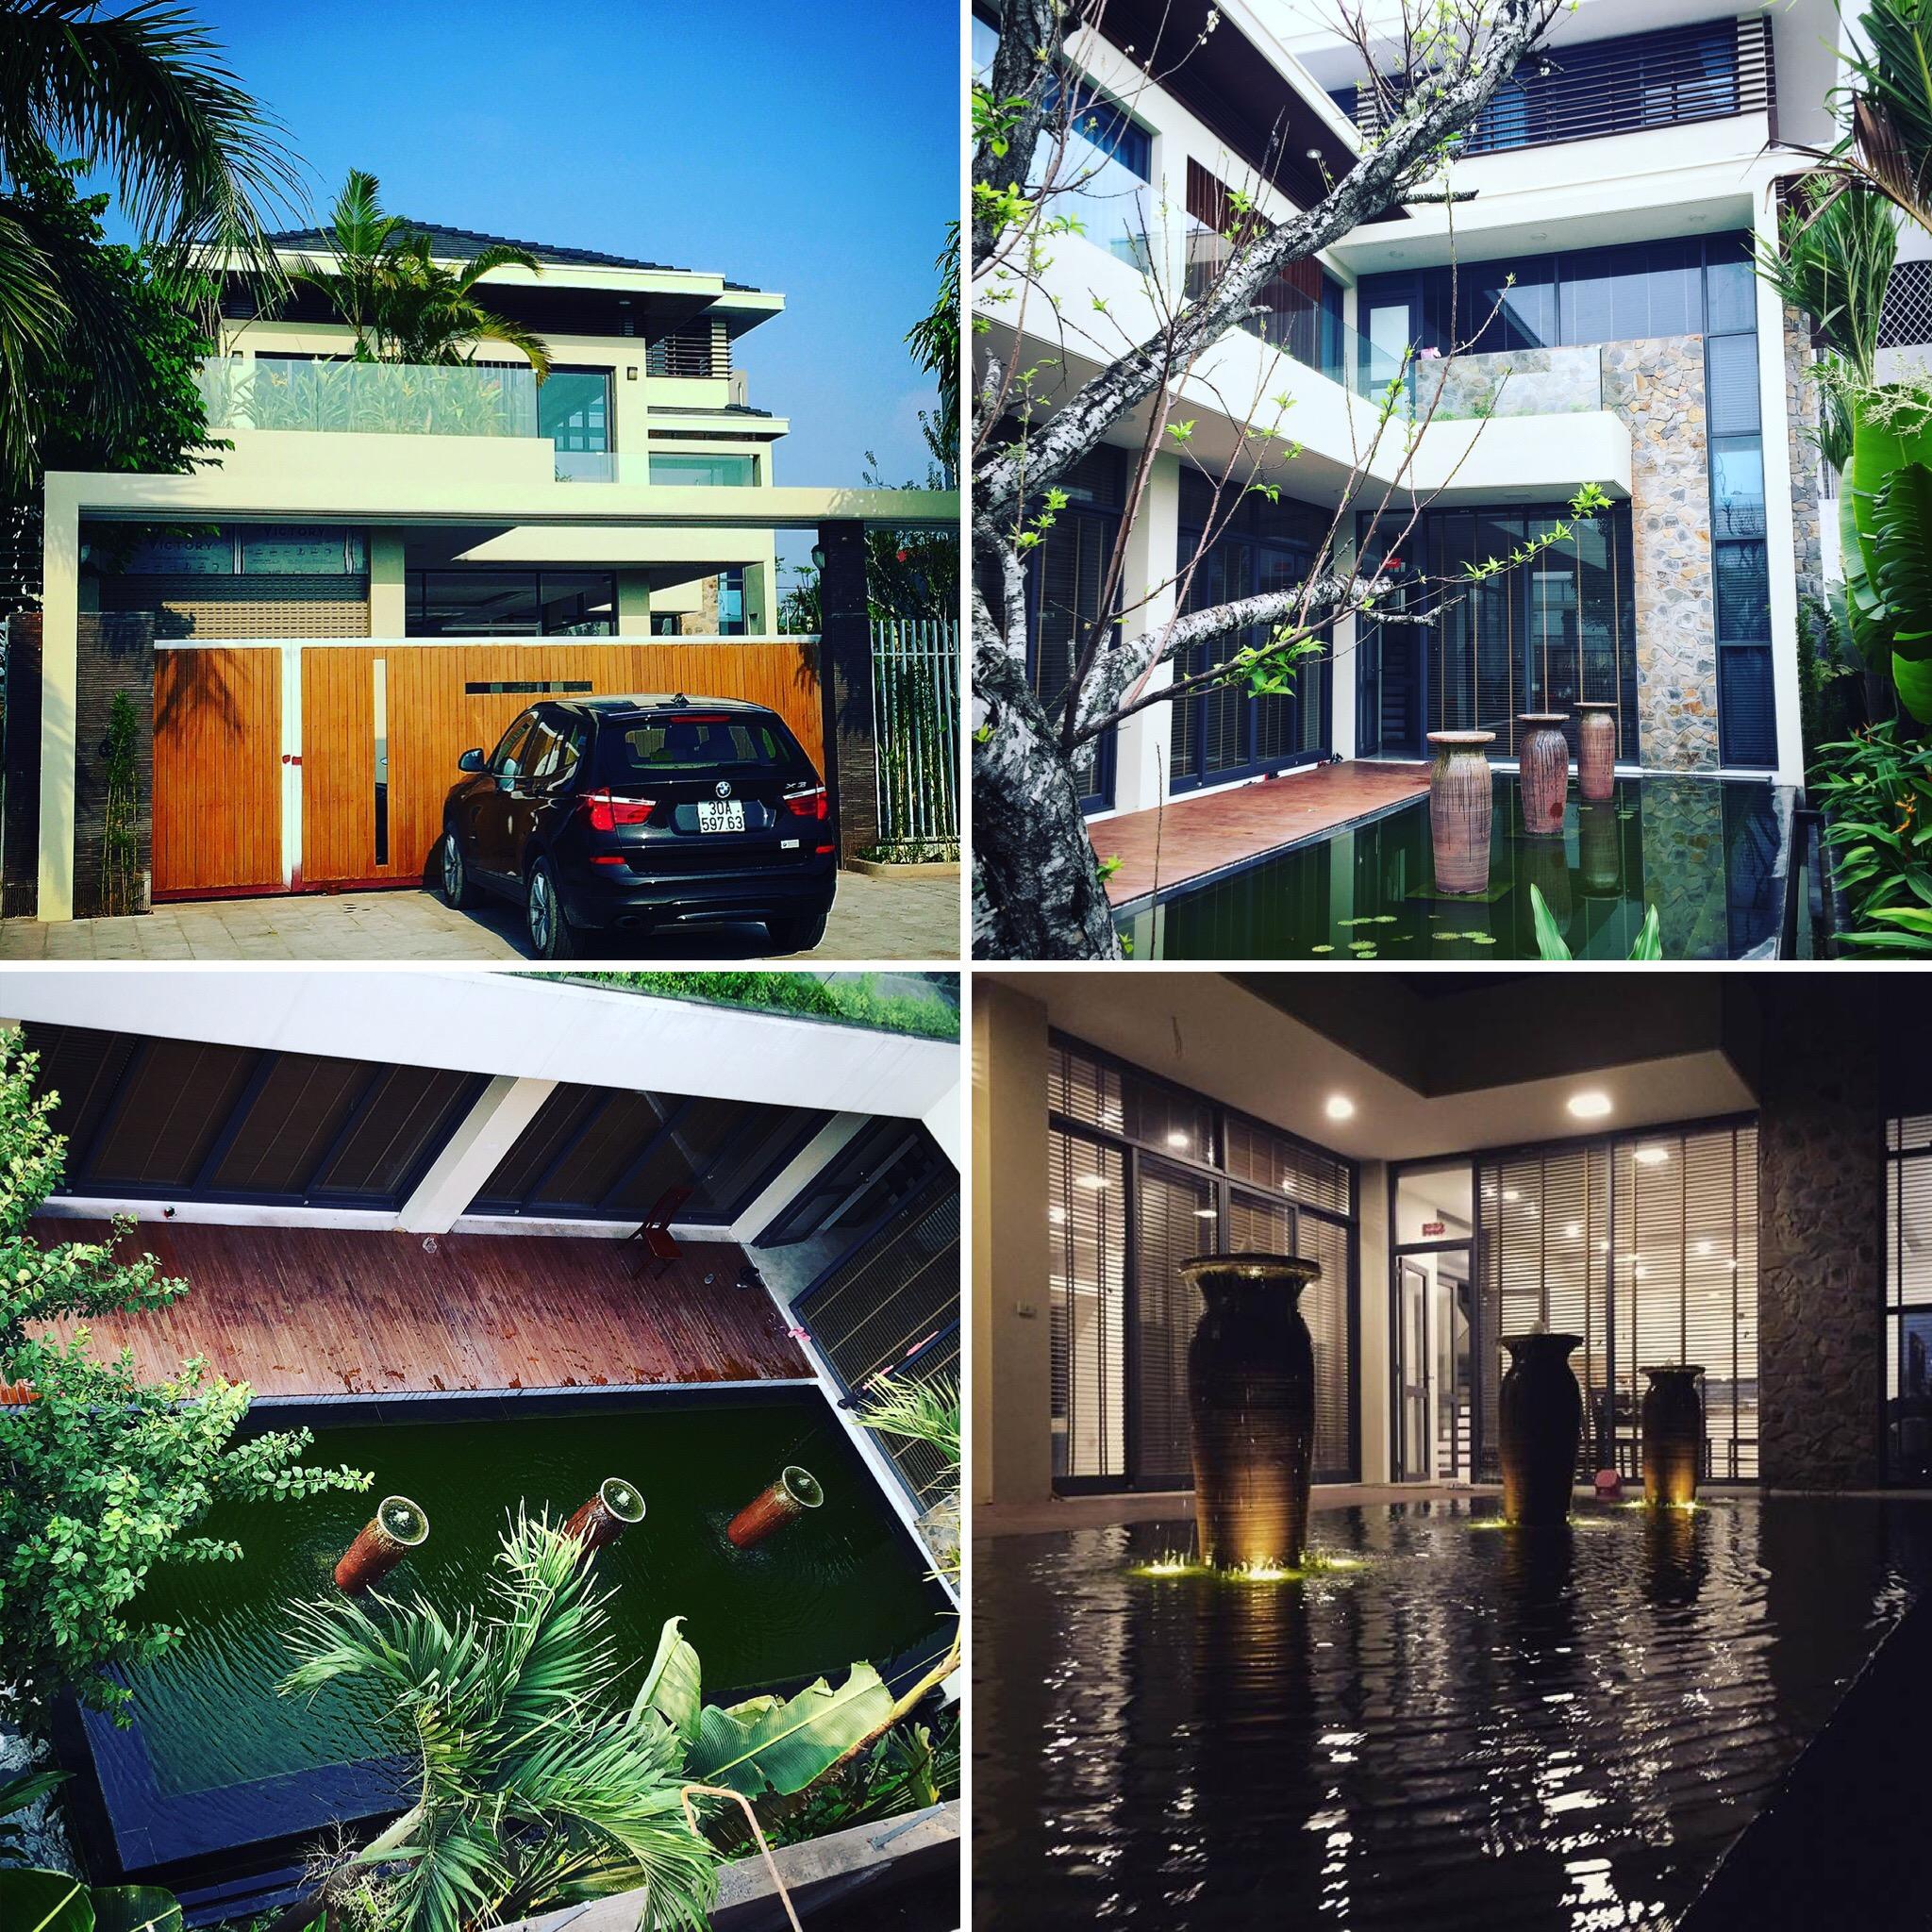 thiết kế Biệt Thự 3 tầng tại Bắc Ninh T VILLA 1 1562170234